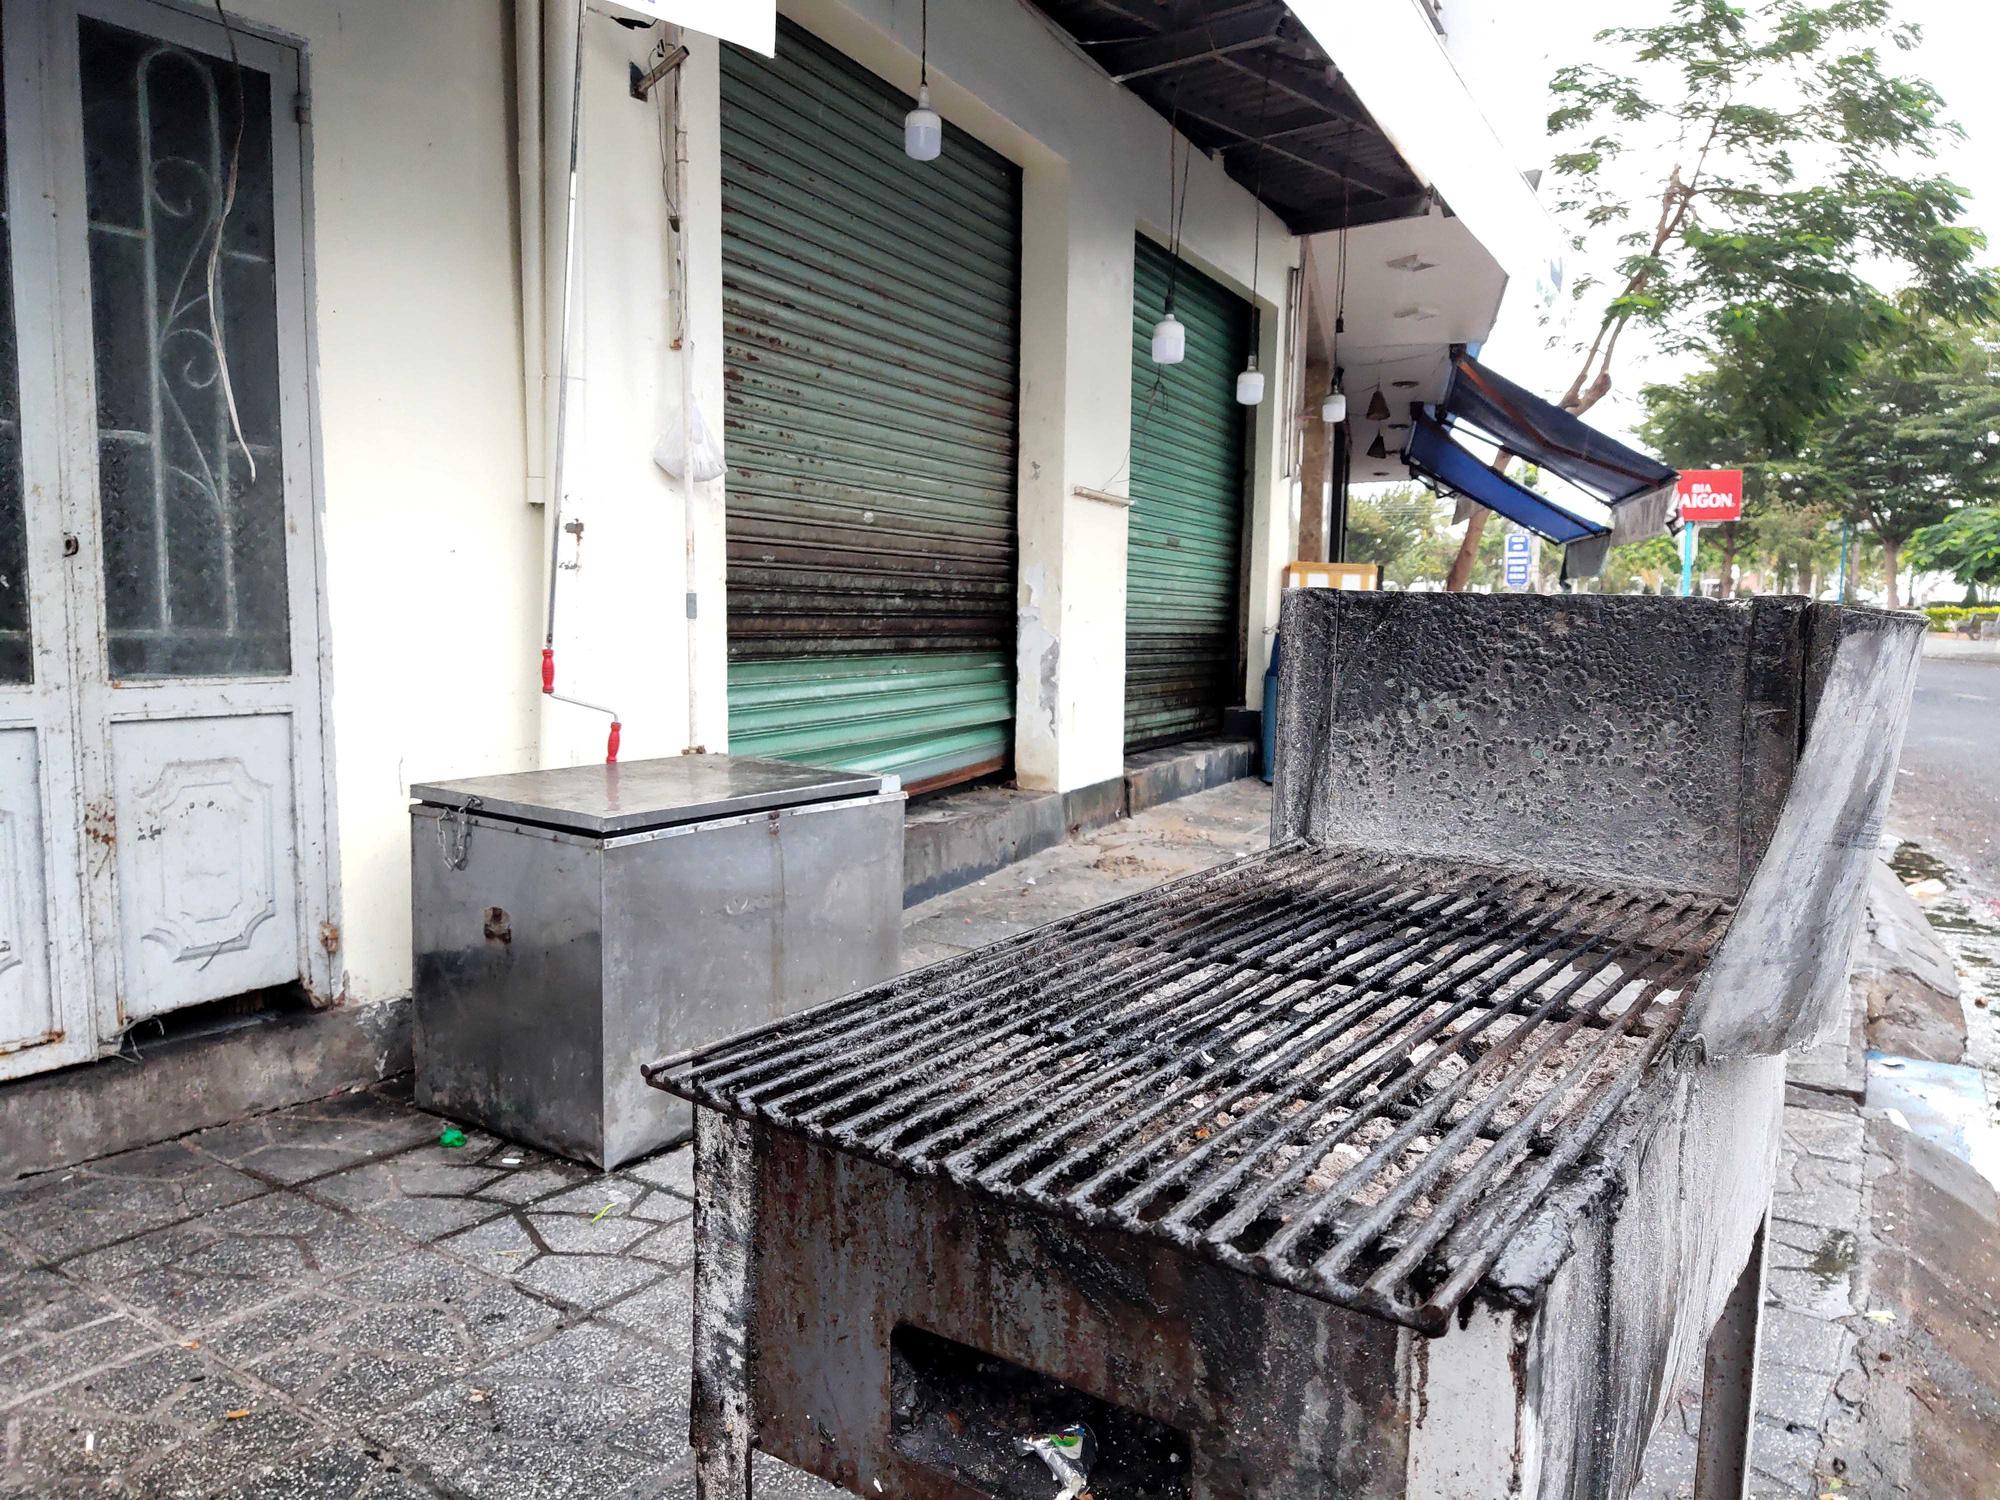 Nha Trang: Phố hải sản đìu hiu, hàng loạt nhà hàng đóng cửa trong đại dịch corona  - Ảnh 5.